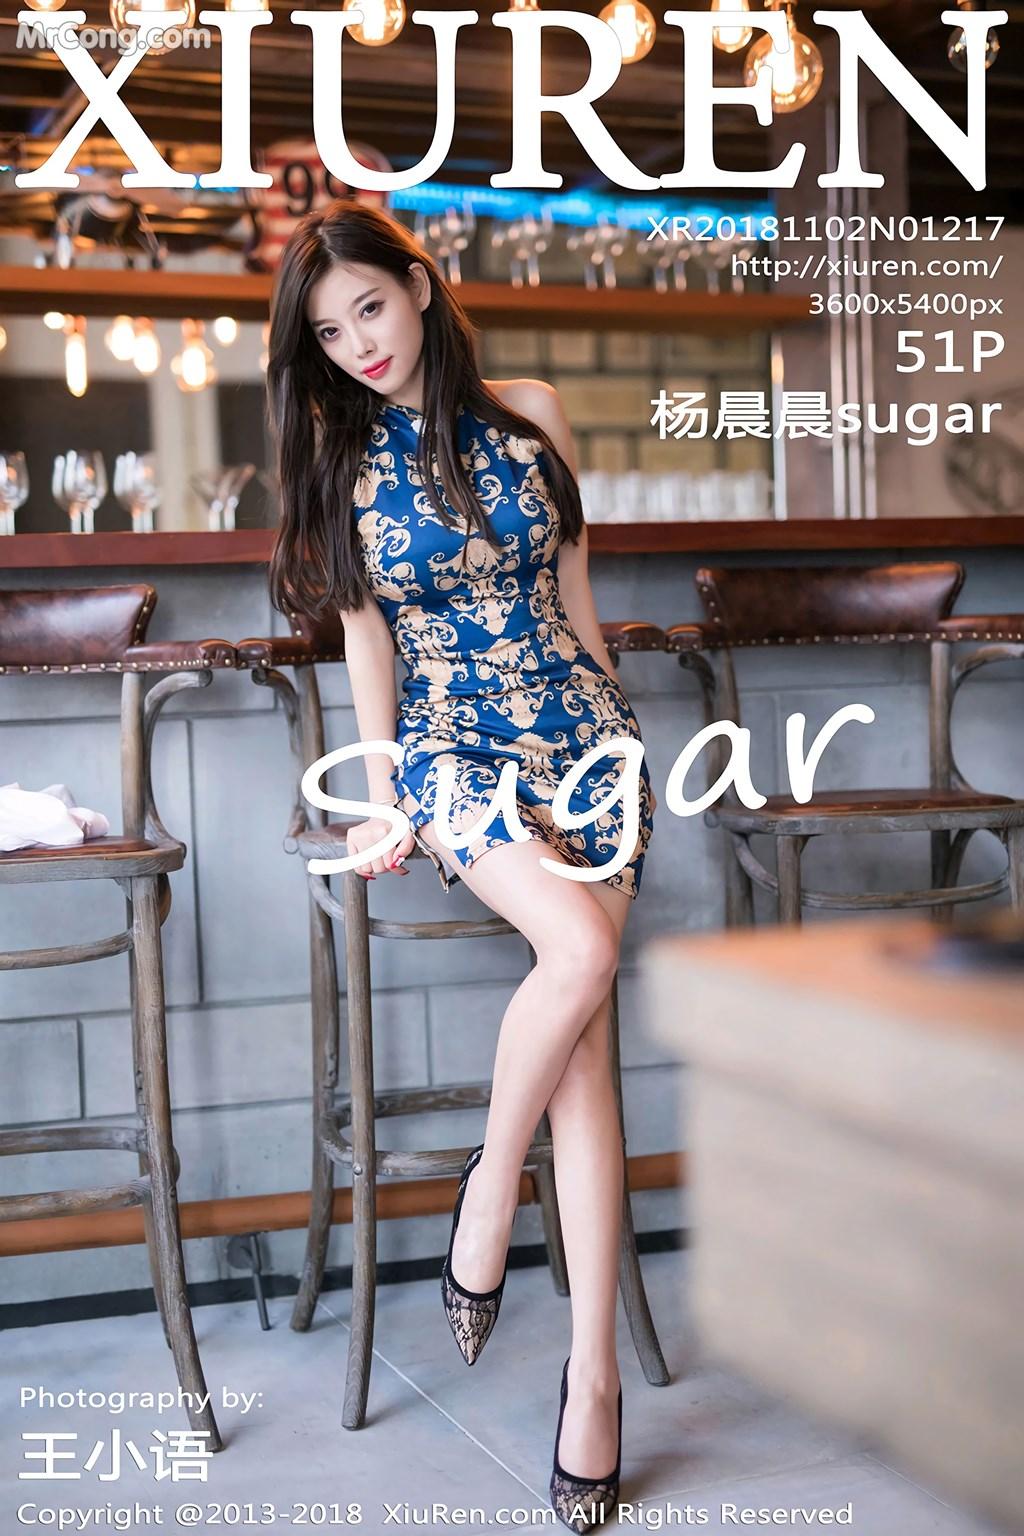 XIUREN No.1217: Người mẫu Yang Chen Chen (杨晨晨sugar) (52 ảnh)